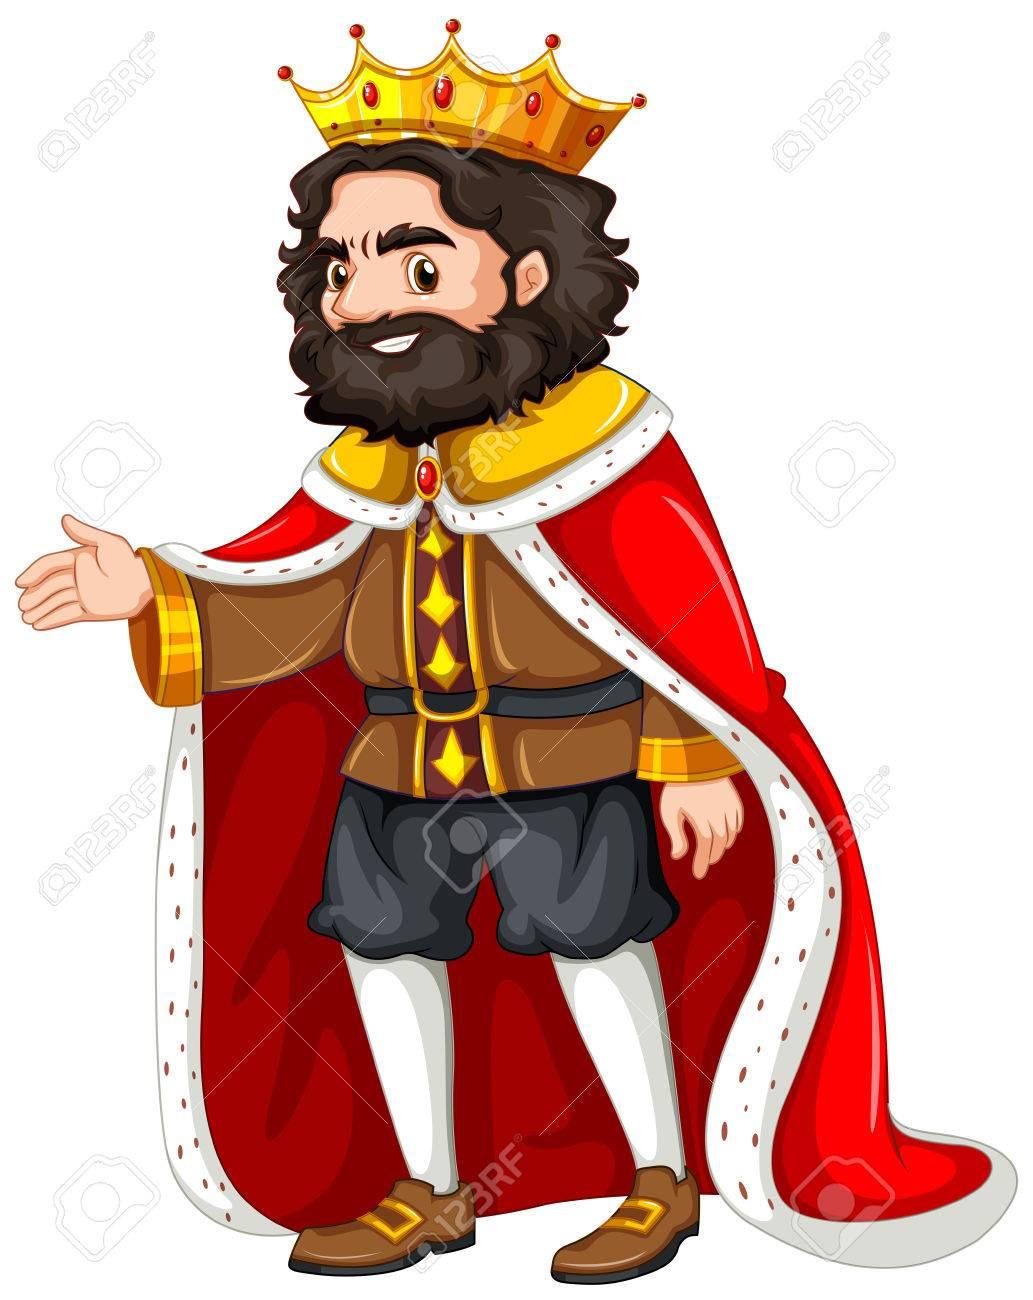 赤い衣のイラストがキングのイラスト素材ベクタ Image 56549311